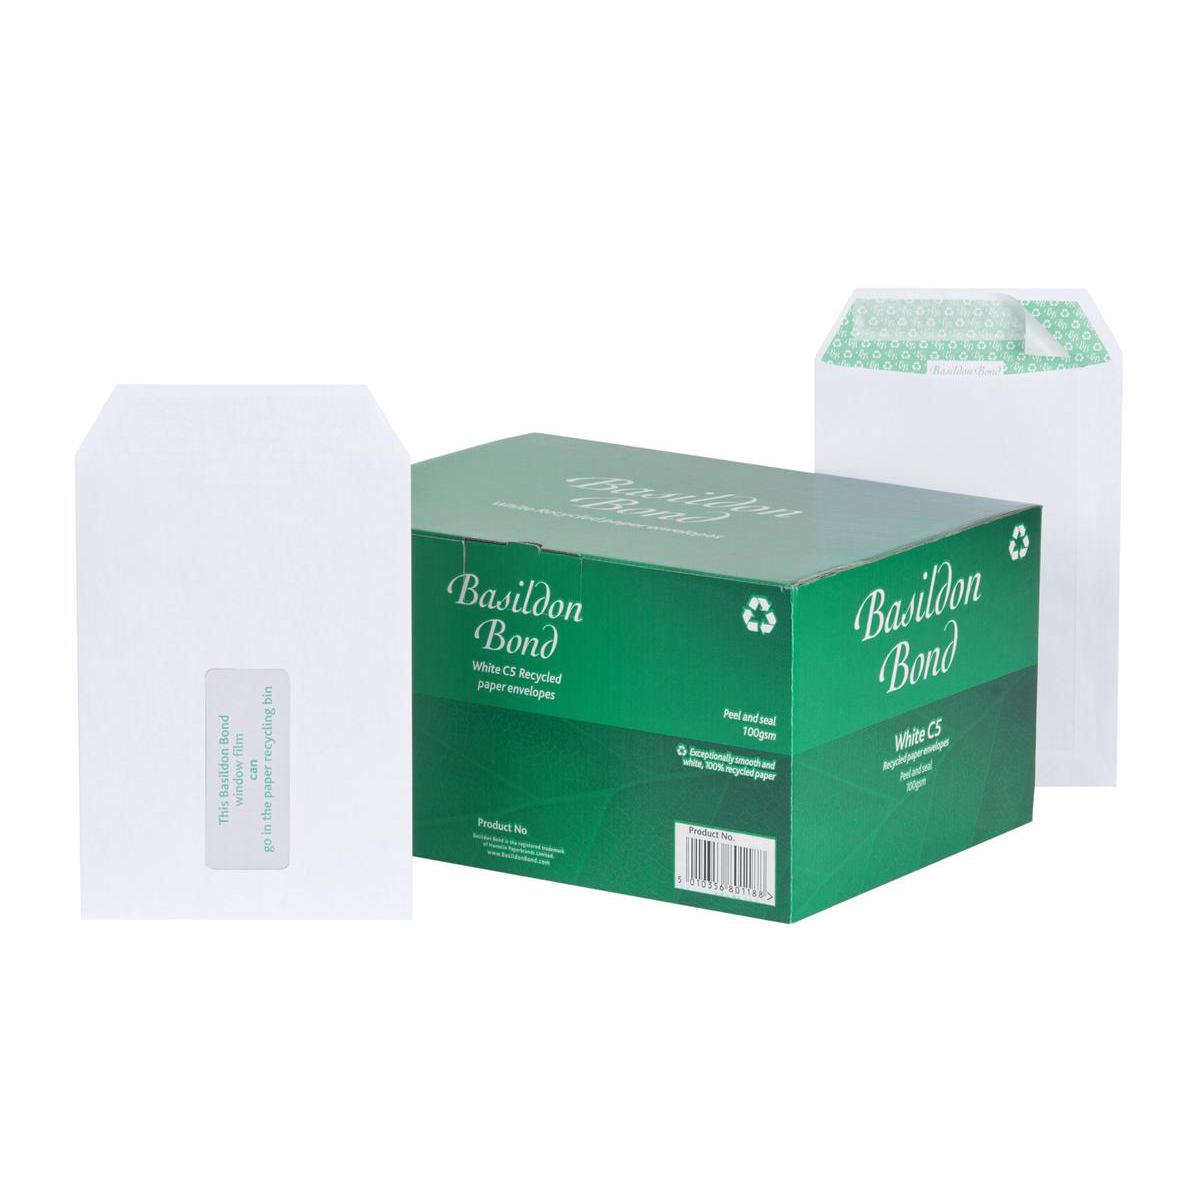 Basildon Bond Envelopes FSC Recycled Pocket P&S Window 120gsm C5 White Ref J80119 [Pack 500]